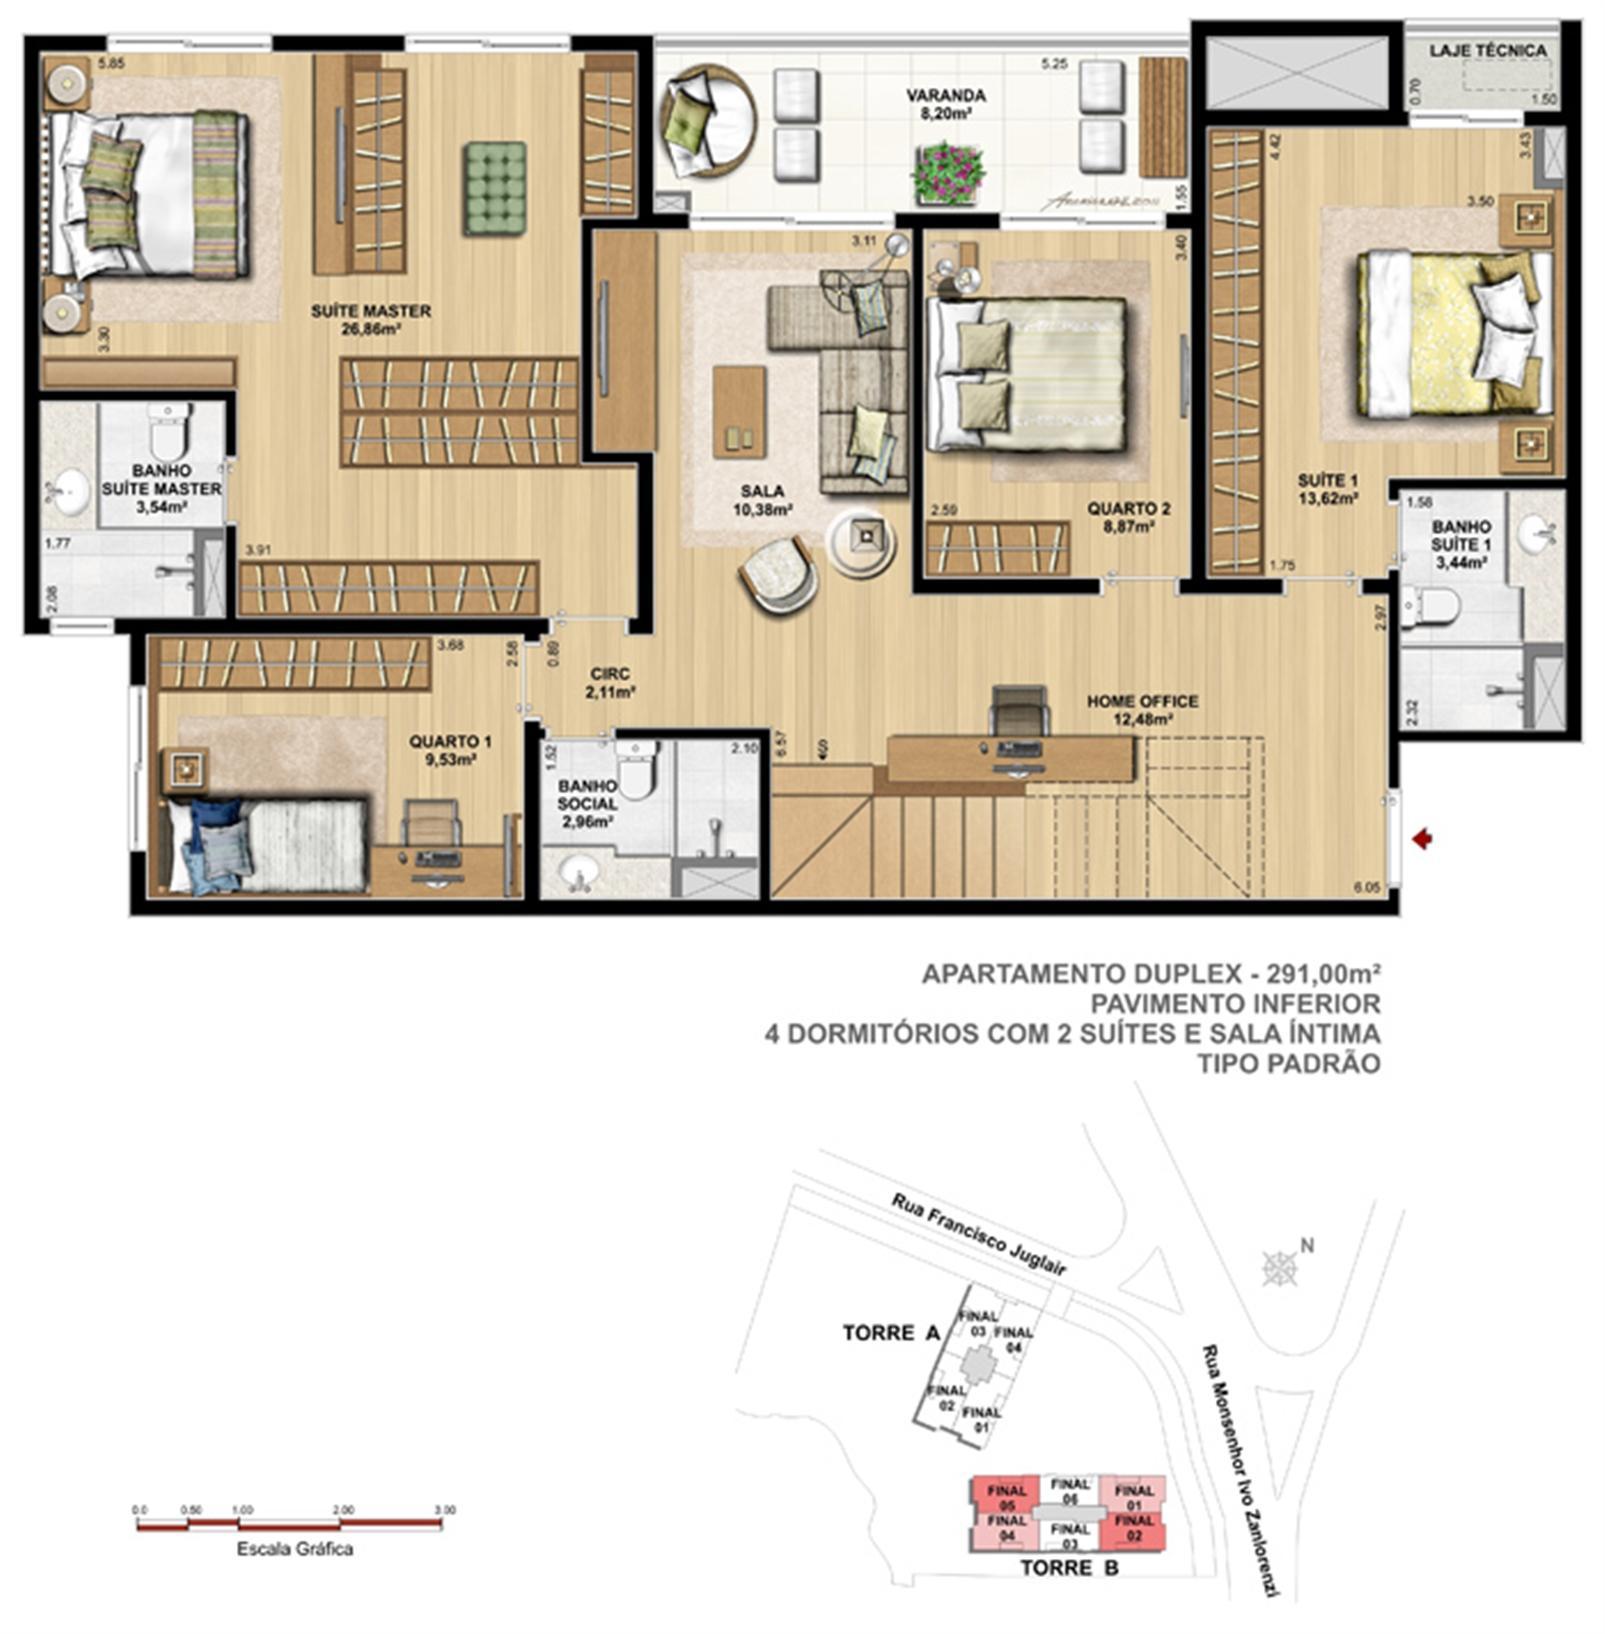 Torre 1 - 2 suítes - Cobertura superior - Tipo padrão | Reserva Juglair Ecoville – Apartamentono  Ecoville - Curitiba - Paraná